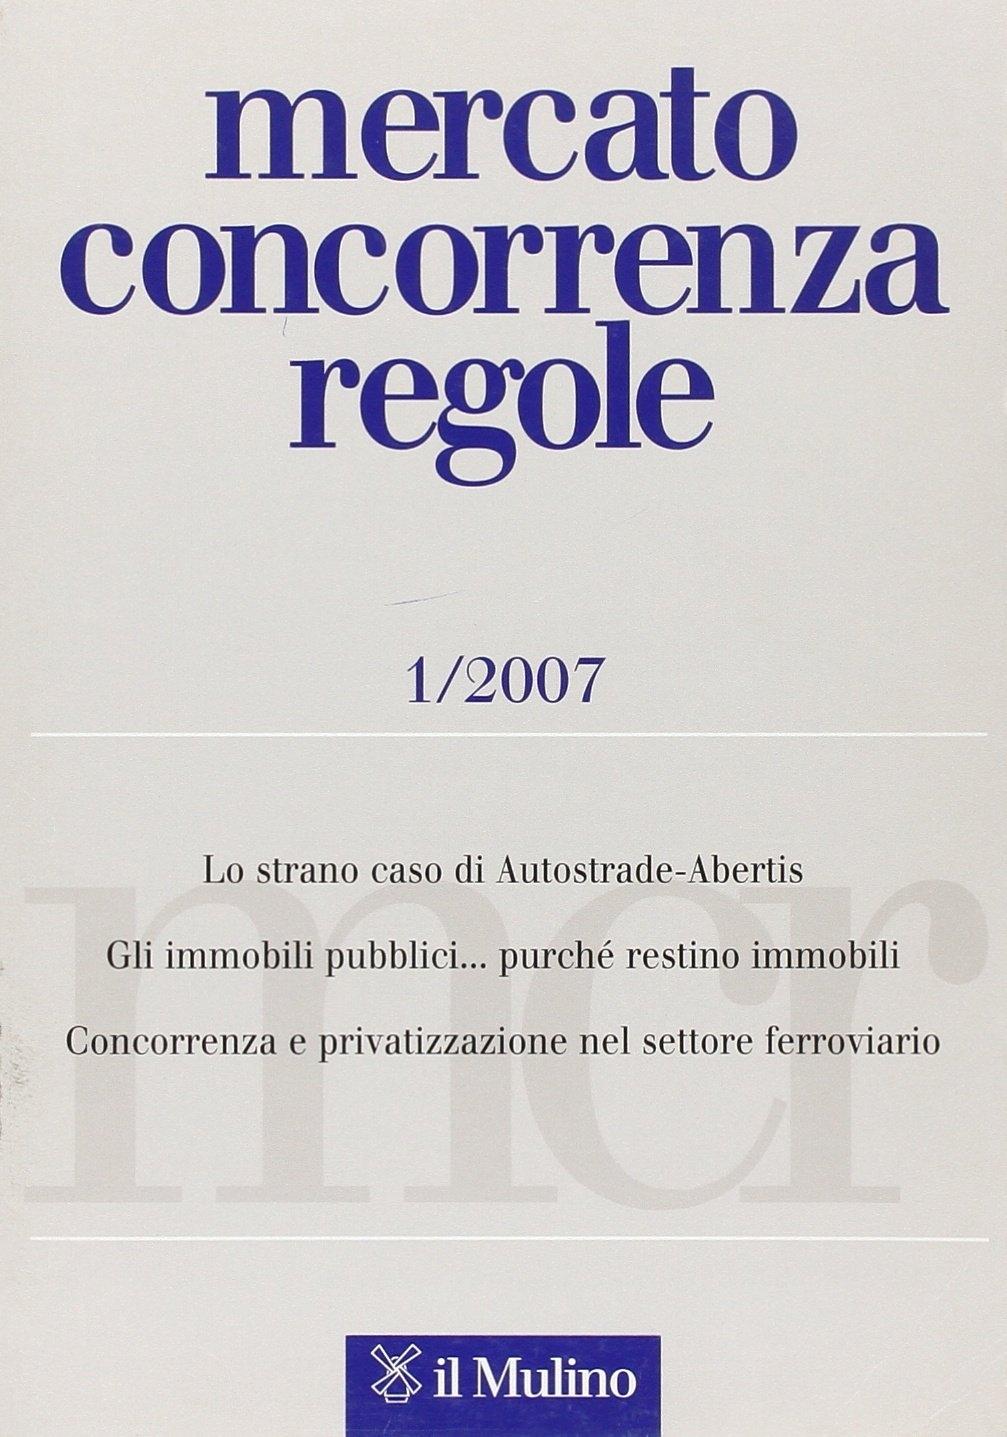 Mercato concorrenza regole (2007). Vol. 1